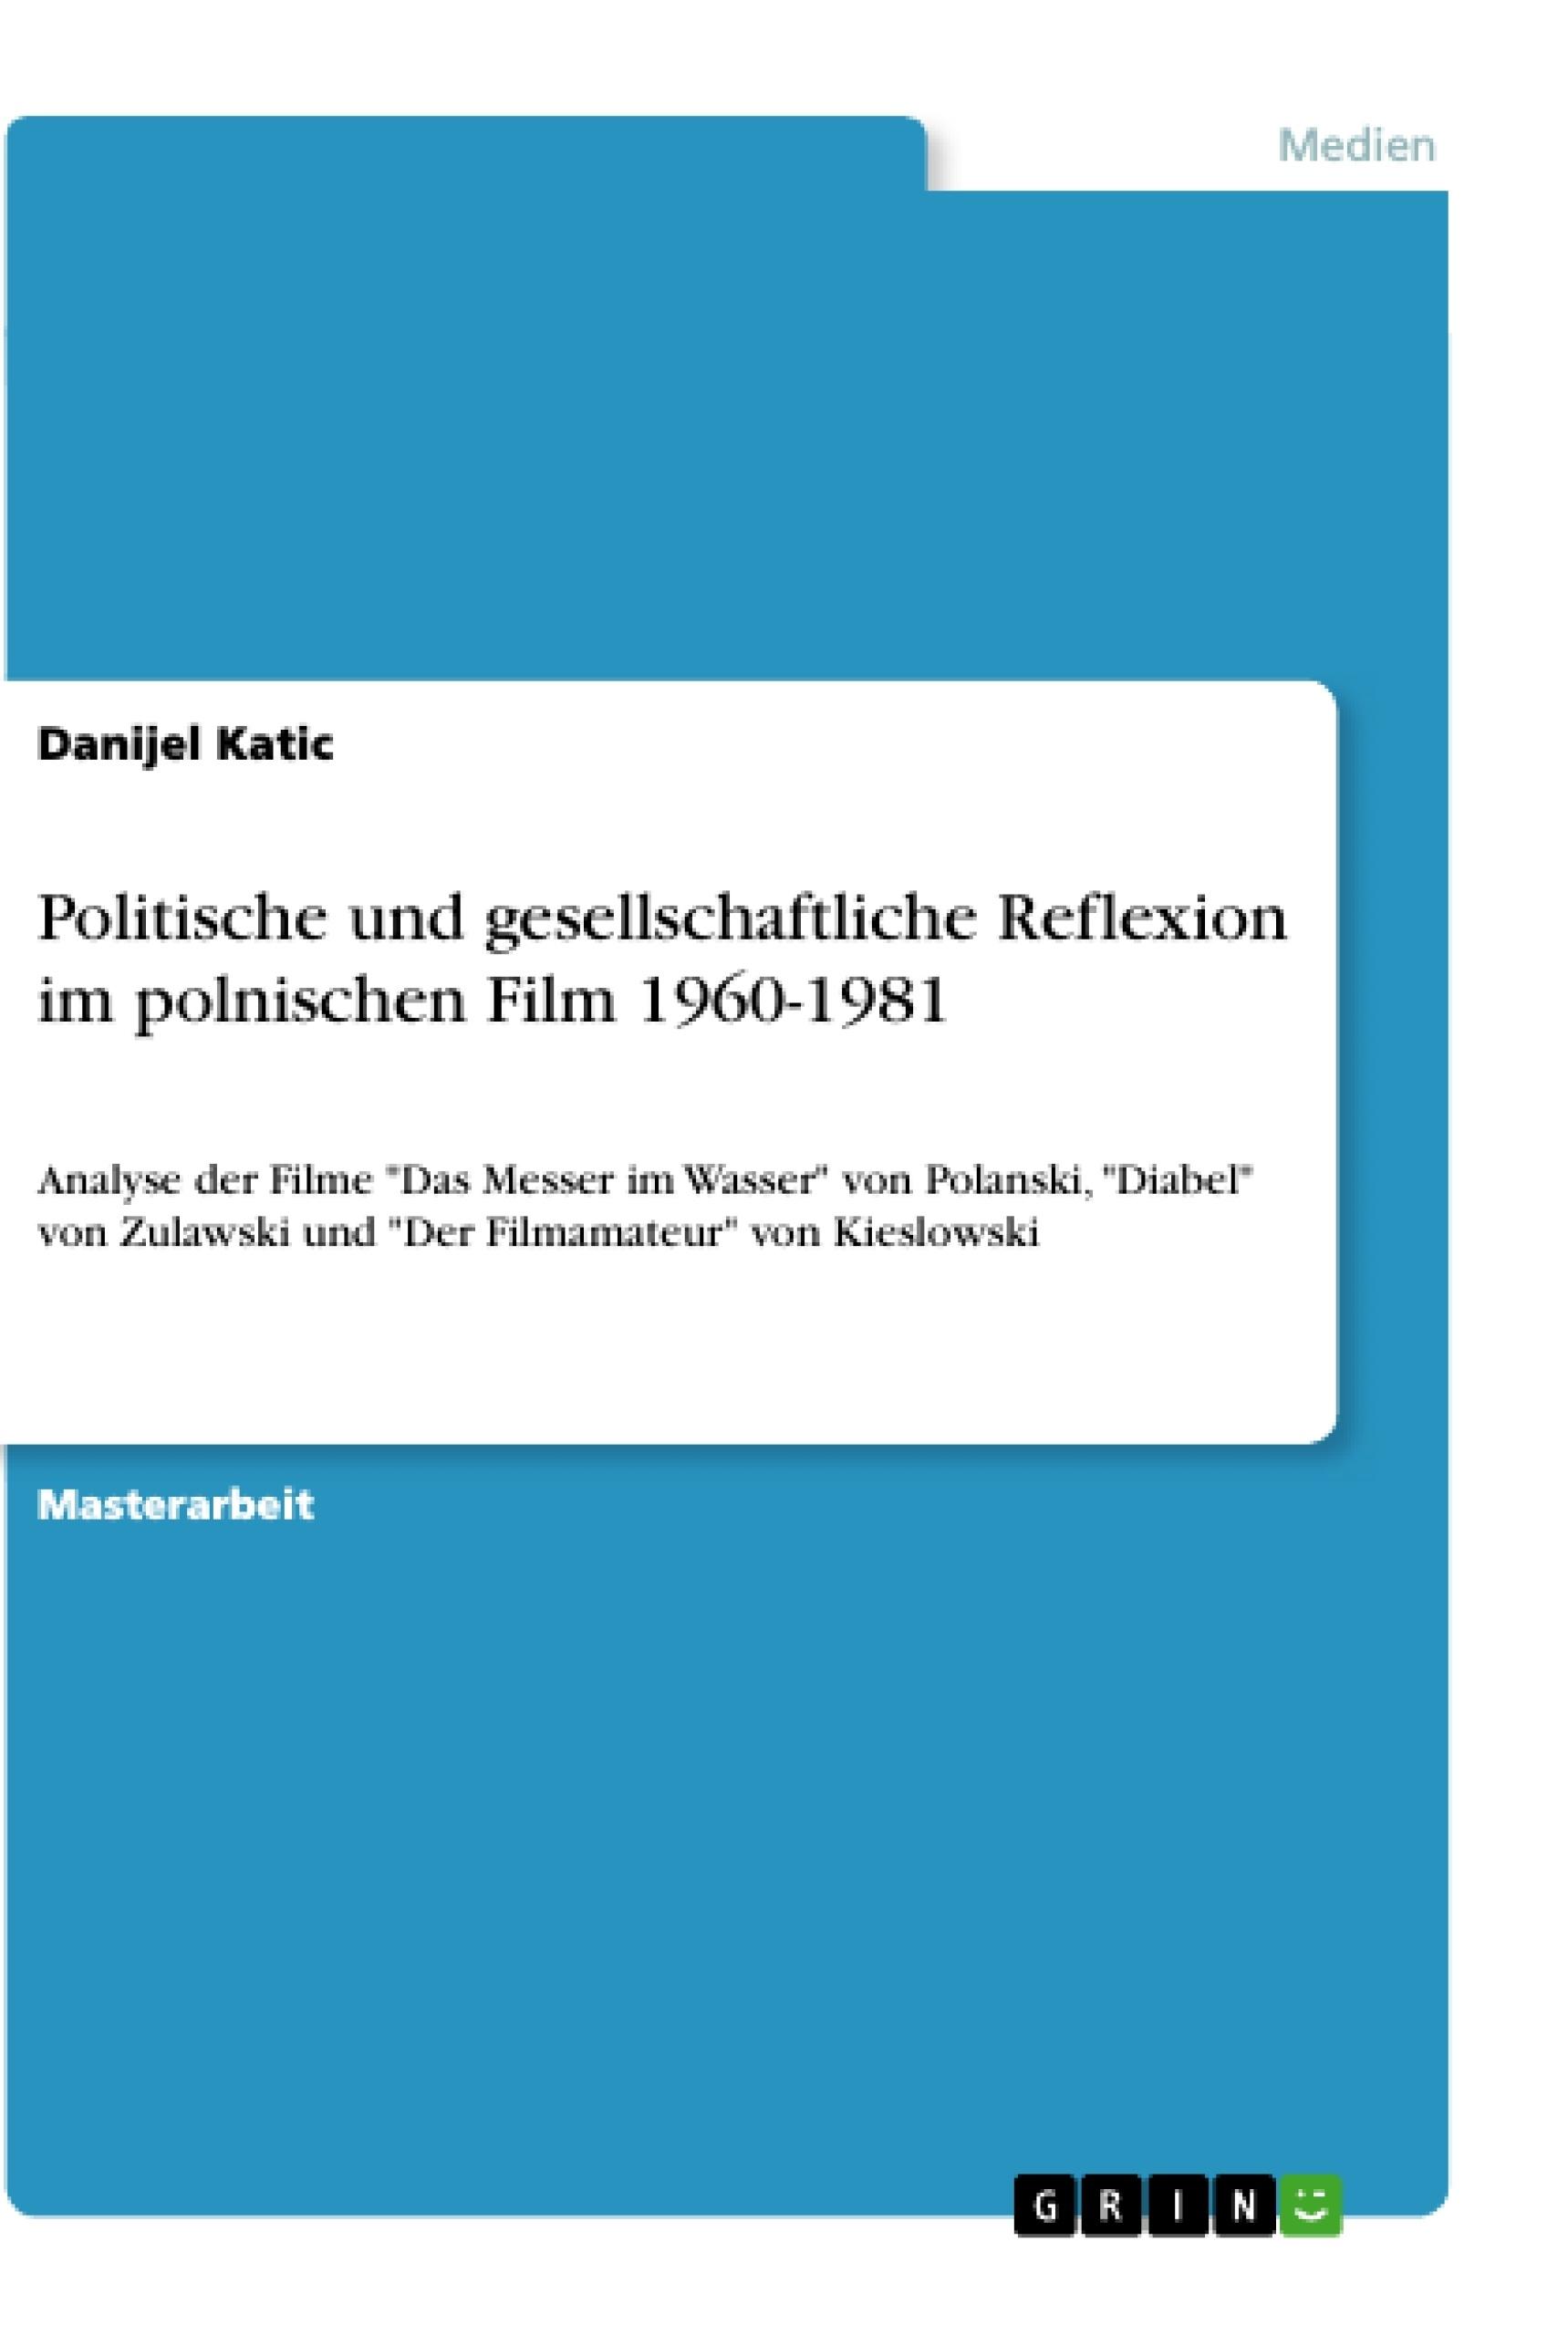 Titel: Politische und gesellschaftliche Reflexion im polnischen Film 1960-1981